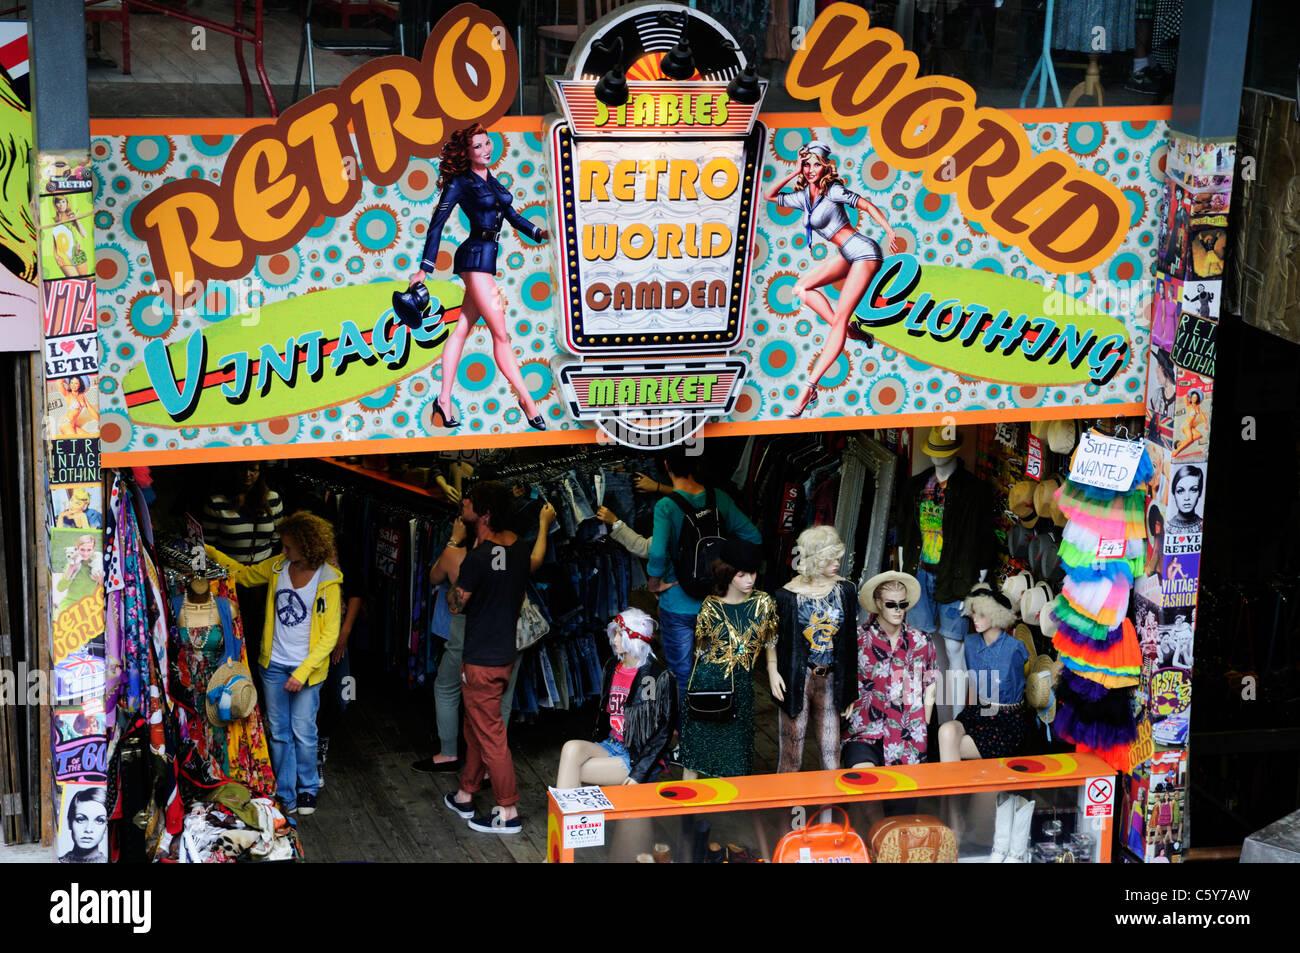 Monde Retro Vintage Clothing Shop, les Écuries Marché, Camden, London, England, UK Photo Stock